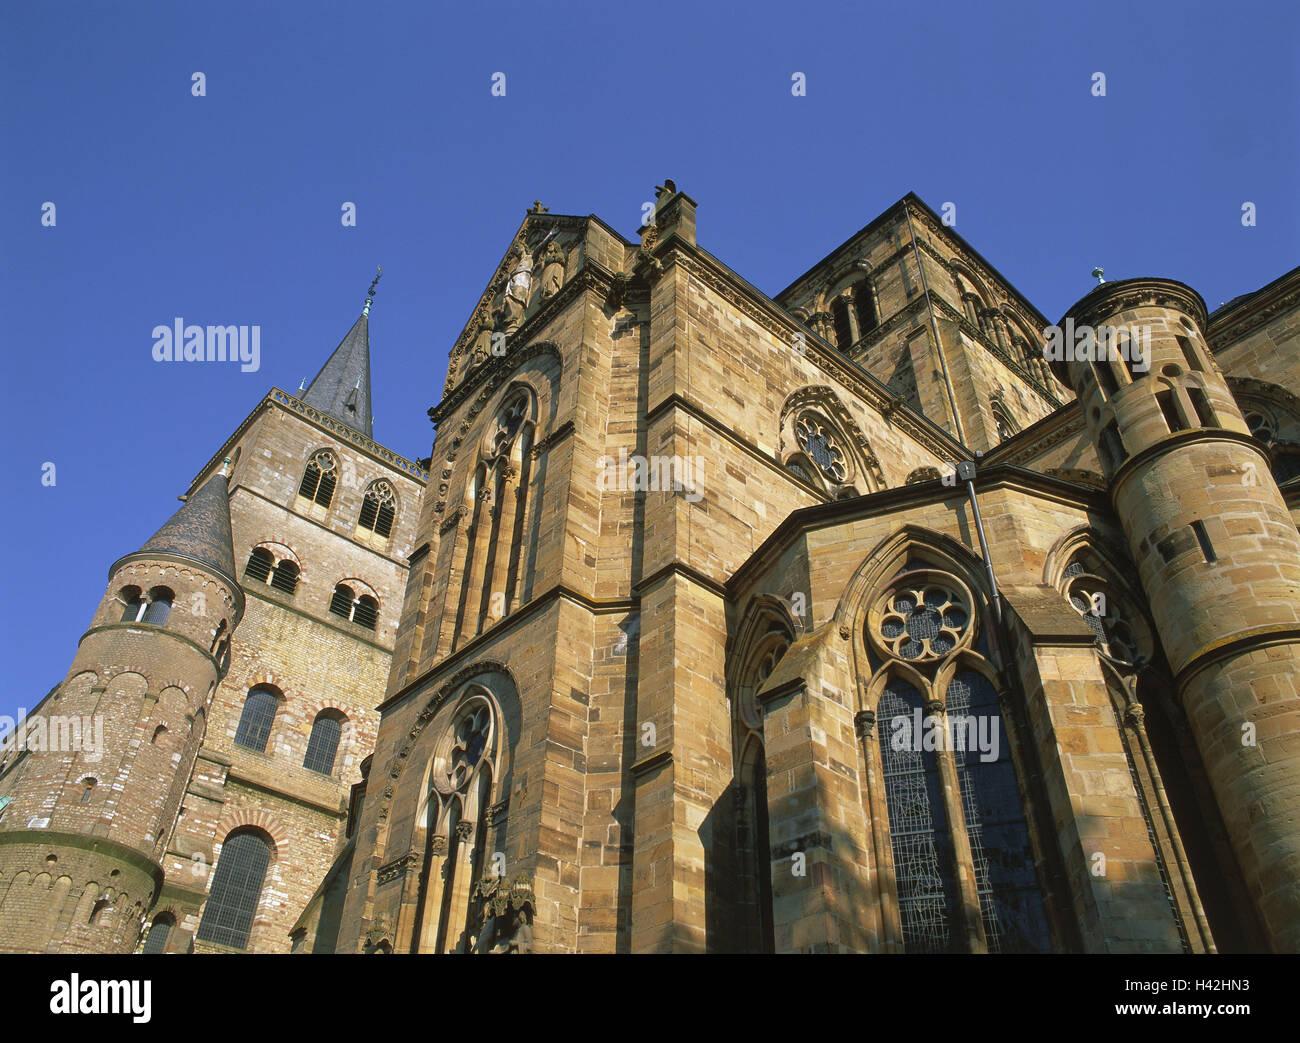 Deutschland, Rheinland-Pfalz, Trier, lieber Frauenkirche, Kathedrale, Fassade, detail, Europa, Stadt, Kirchen, Kirche, Stockbild